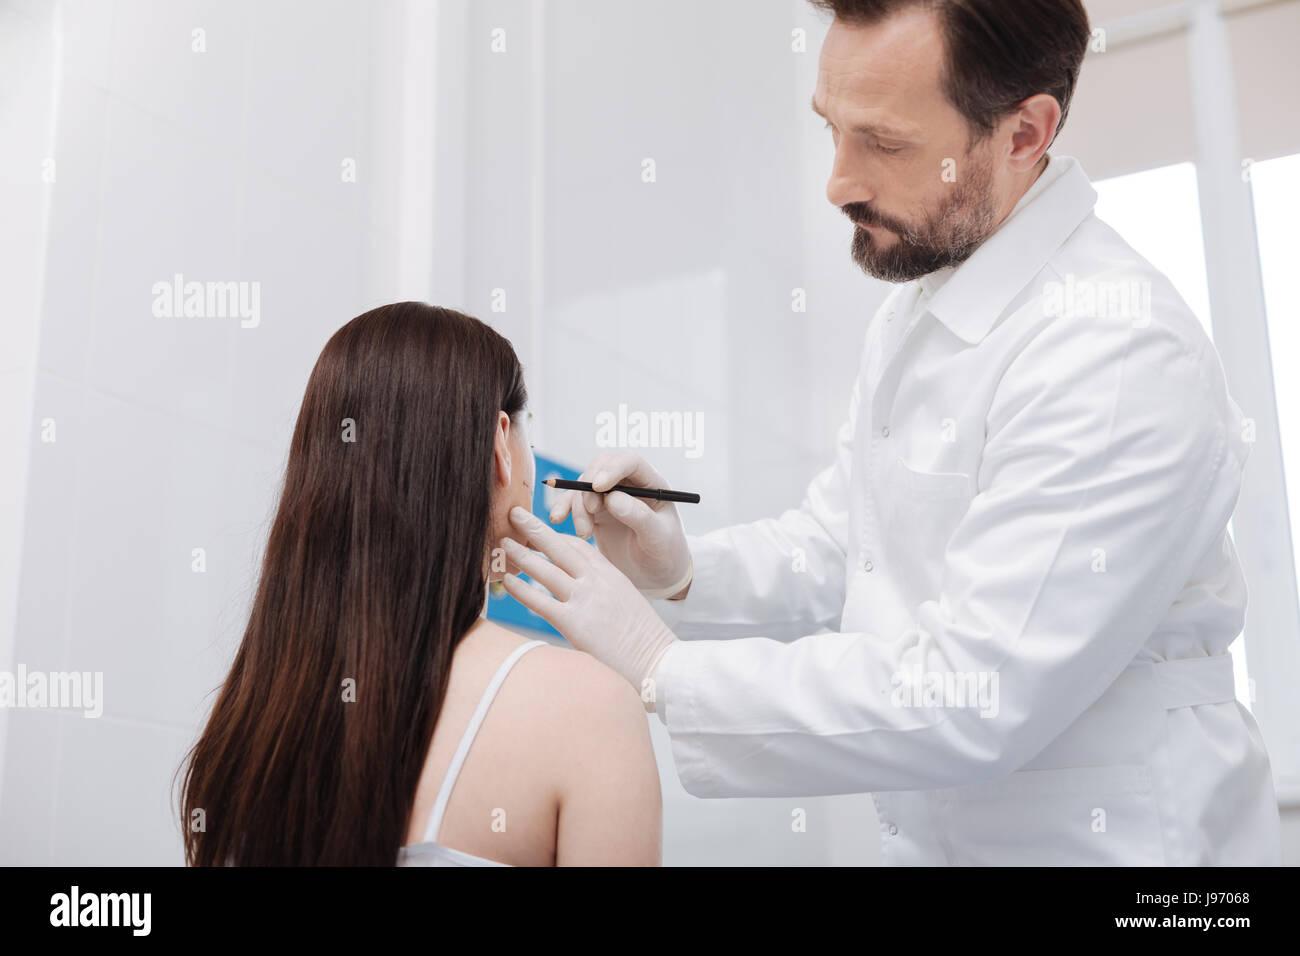 Diligente consciente cirujano plástico aplicando directrices precisas Imagen De Stock